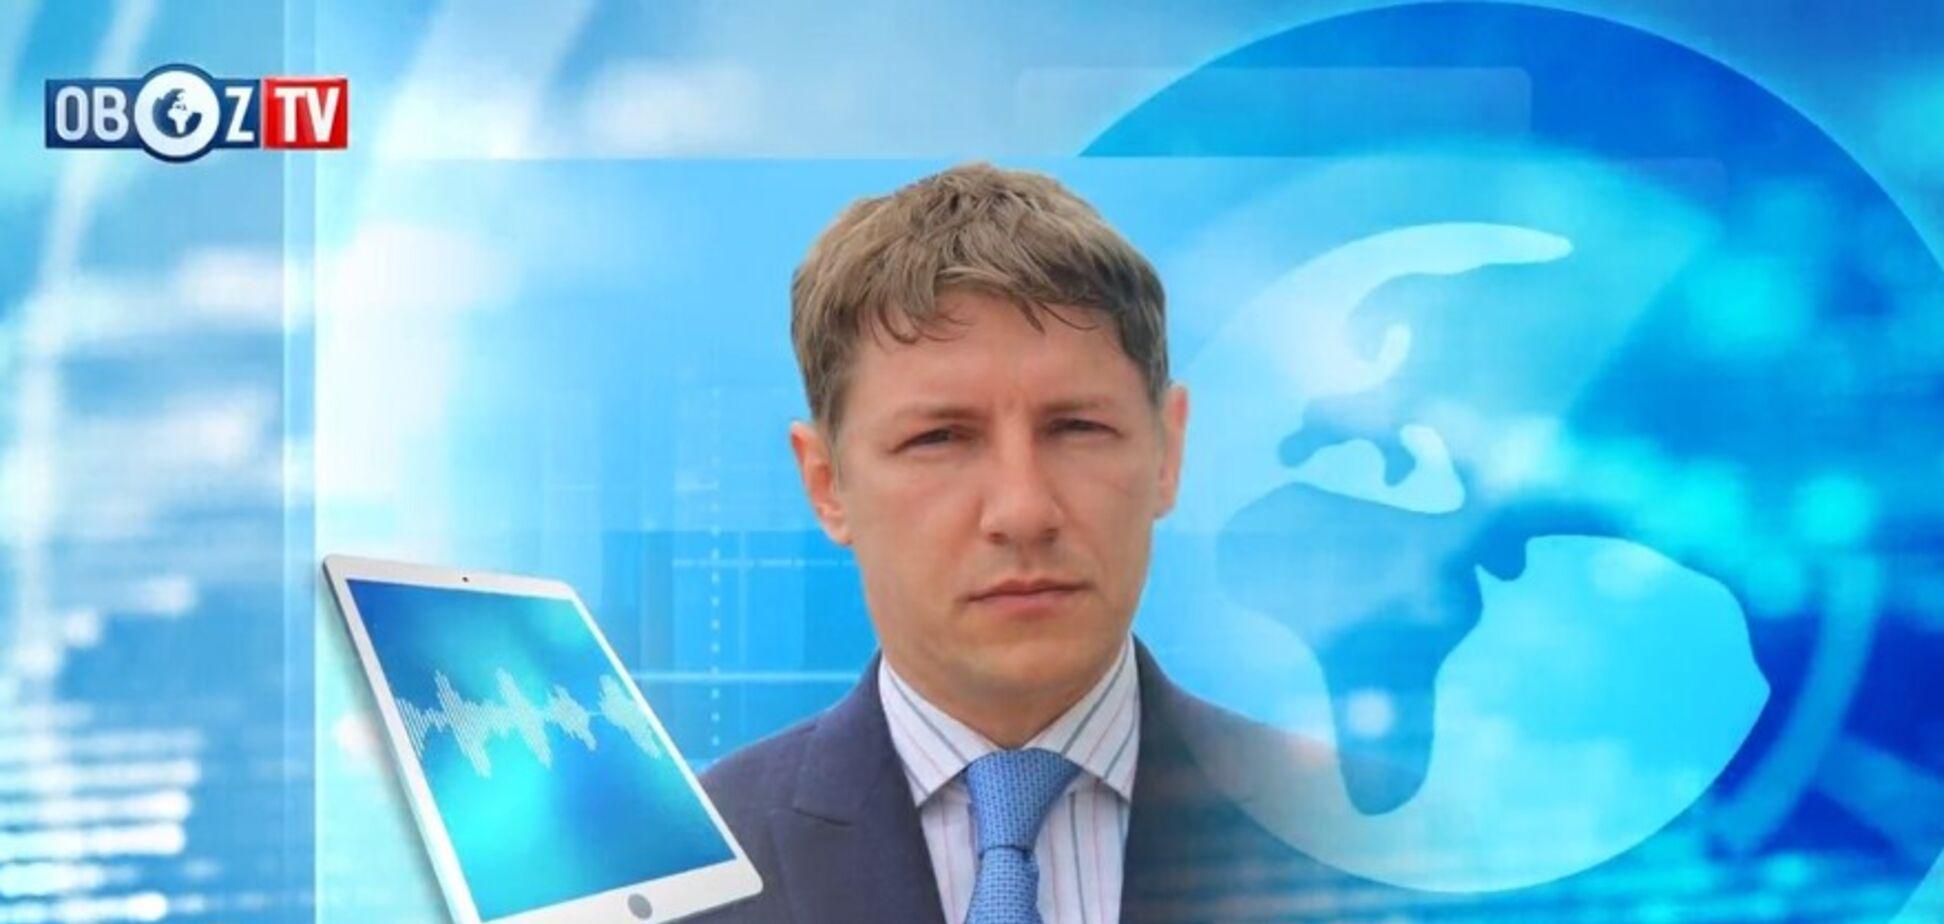 Новий оператор ГТС незалежний від 'Нафтогазу' лише формально: експерт з енергетики